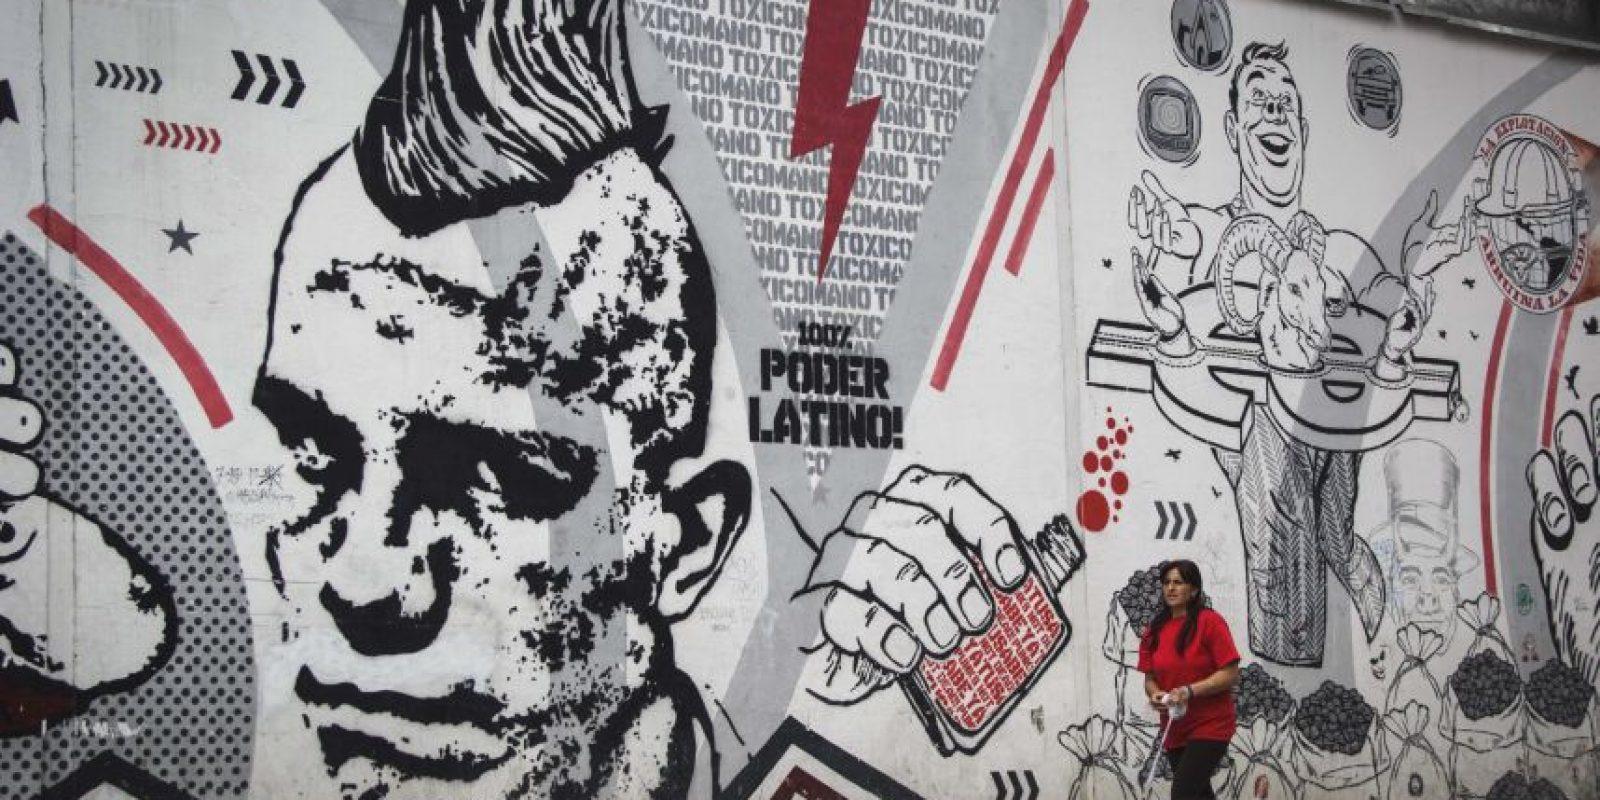 Stencil Punk diseñó este grafiti. Como él, muchos de los murales de Bogotá tienen un fuerte mensaje social, político, de crítica. Buscan hacer reflexionar al ciudadano común. Foto:Carlos Bernate